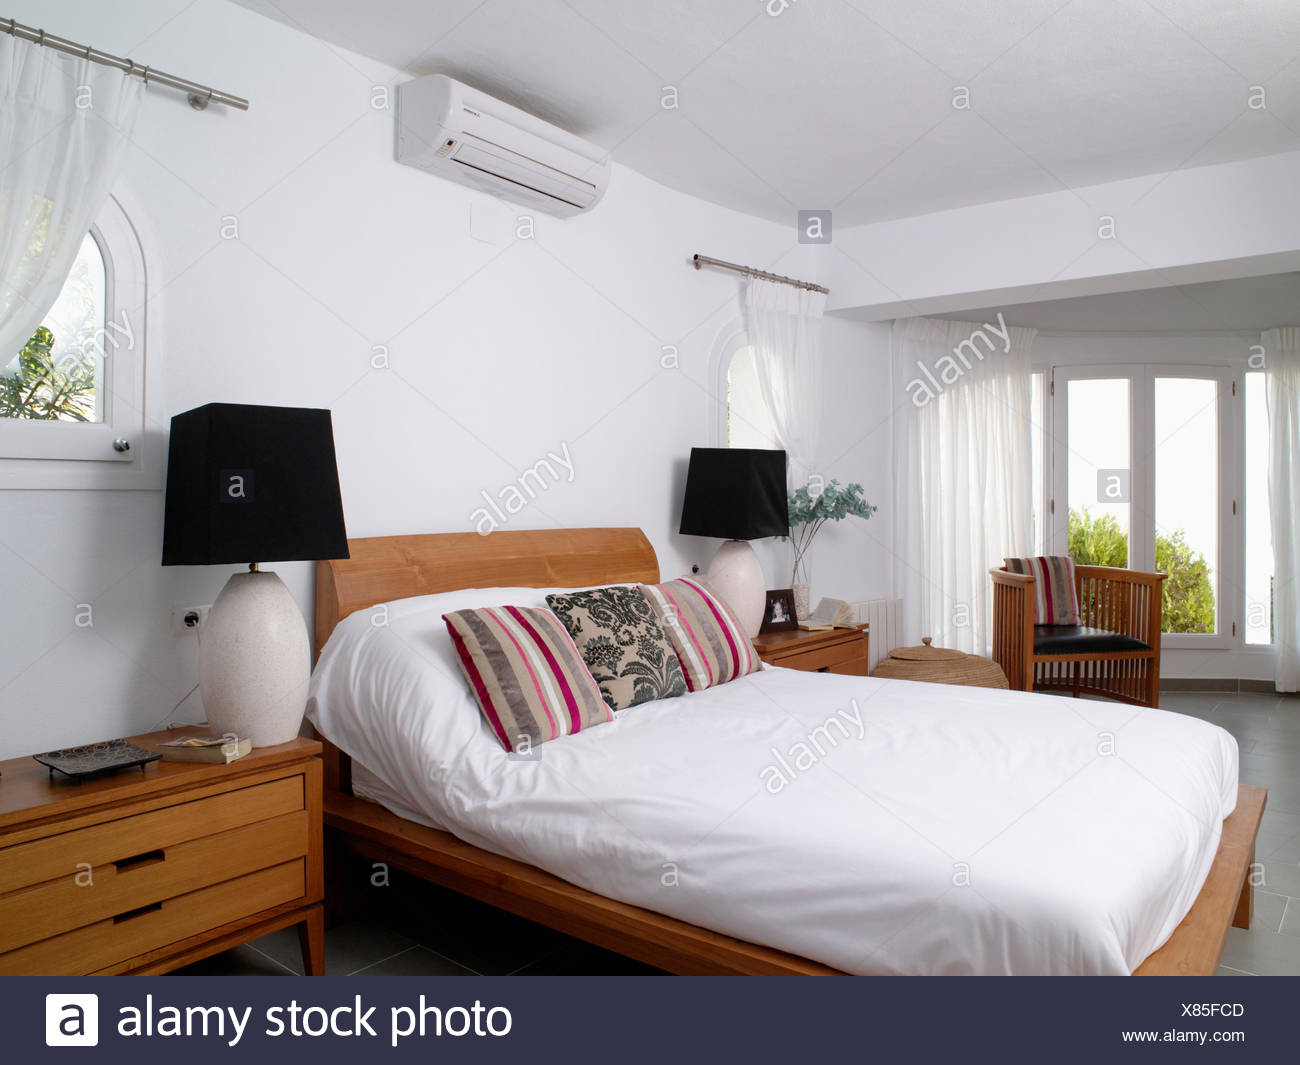 Aria condizionata piccola unità sopra il letto con piumone e cuscini ...